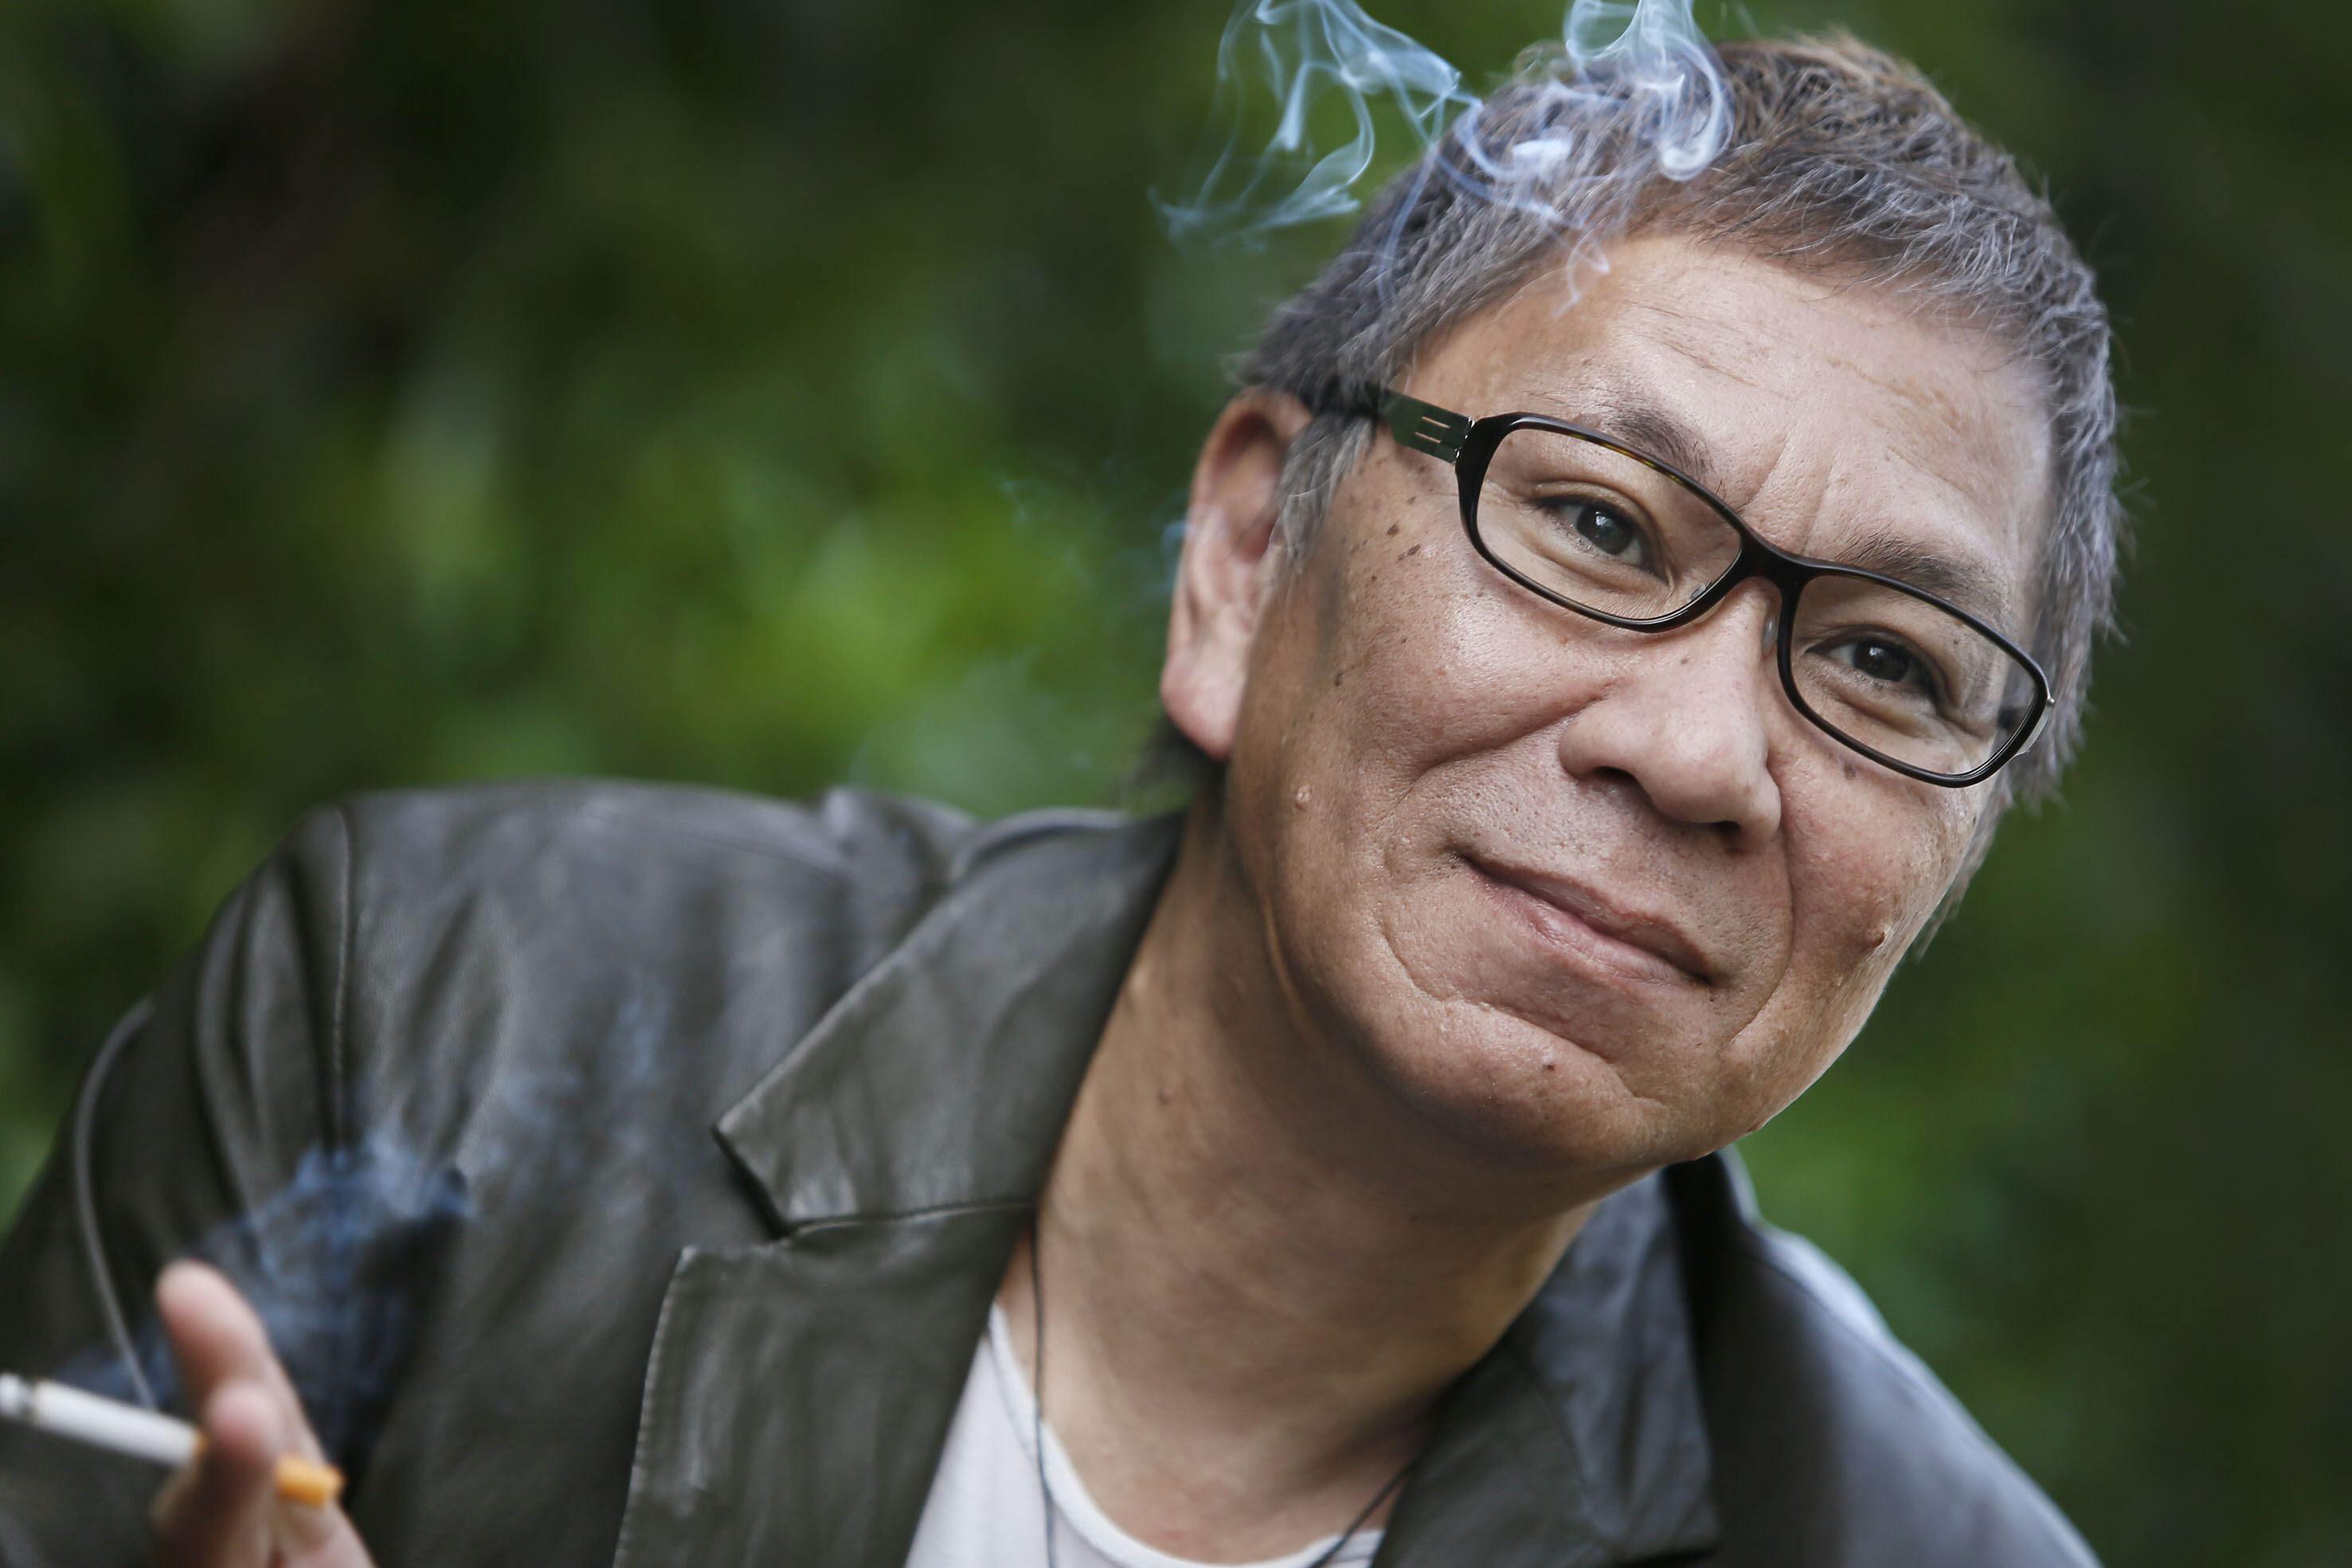 Takashi Miike asegura que le gustan los personajes «que muestran sus instintos animales»